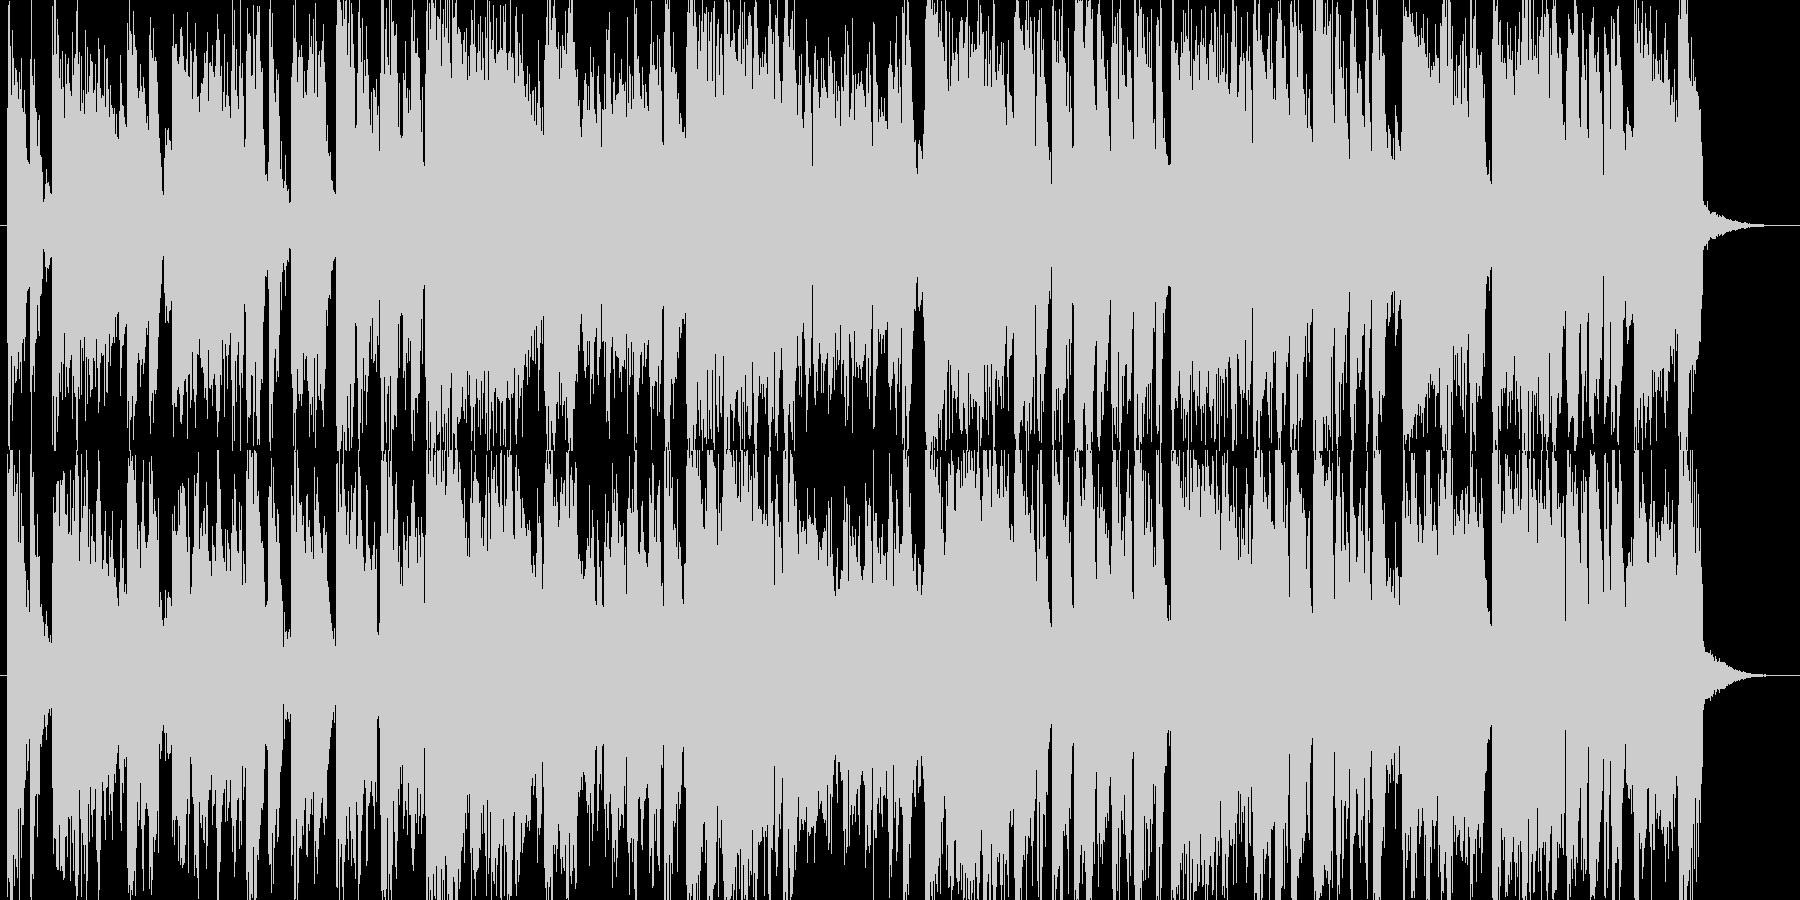 エレクトリックなフュージョンジングルの未再生の波形